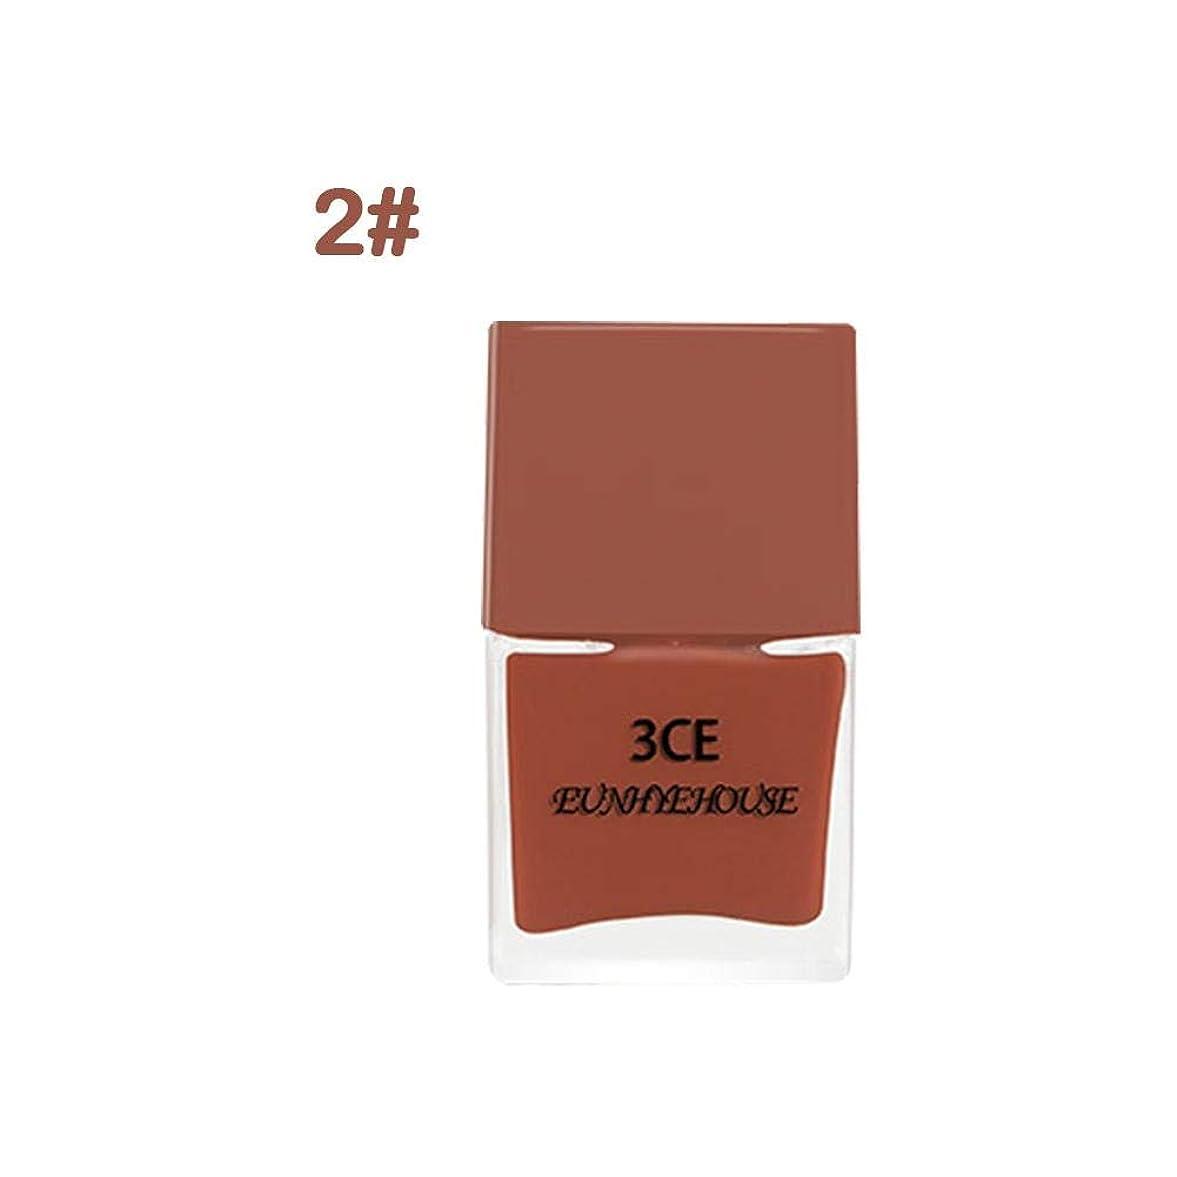 オークランドアーサー考えた高品質 8色選べる ネイルポリッシュ ネイルカラー レッド パンプキンカラー 秋色 ネイルデコレーション ネイルジェル マニキュア 人気ネイル用品 junexi